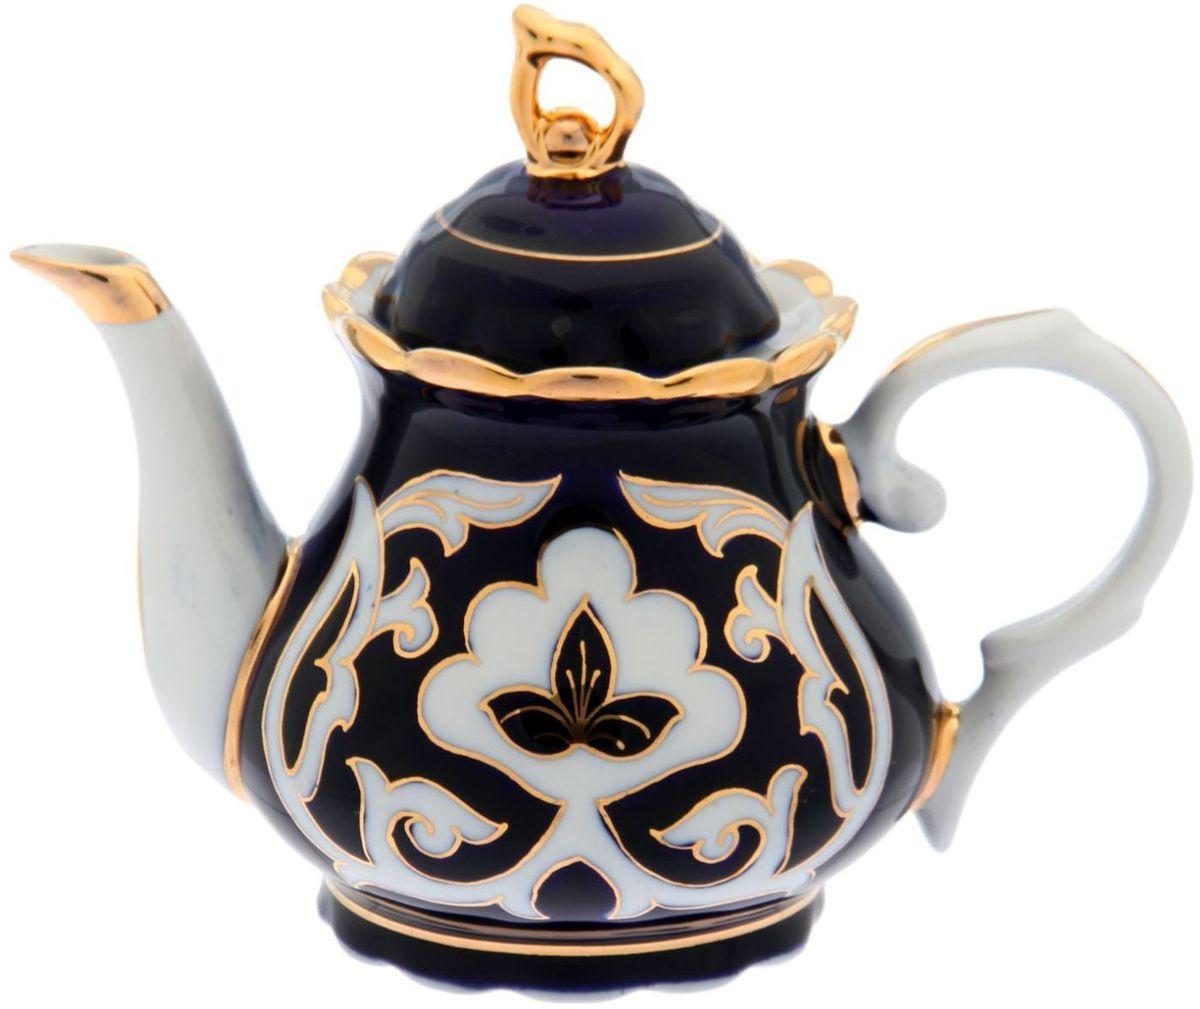 Чайник заварочный Turon Porcelain Пахта, цвет: синий, белый, золотистый, 800 мл1625368Узбекская посуда известна всему миру уже более тысячи лет. Ей любовались царские особы, на ней подавали еду шейхам и знатным персонам. Формула глазури передается из поколения в поколение. По сей день качественные изделия продолжают восхищать своей идеальной формой.Чайник заварочный Turon Porcelain Пахта, выполненный из фарфора, подойдет для повседневной и праздничной сервировки. Дополните стол текстилем и салфетками в тон, чтобы получить элегантное убранство с яркими акцентами.